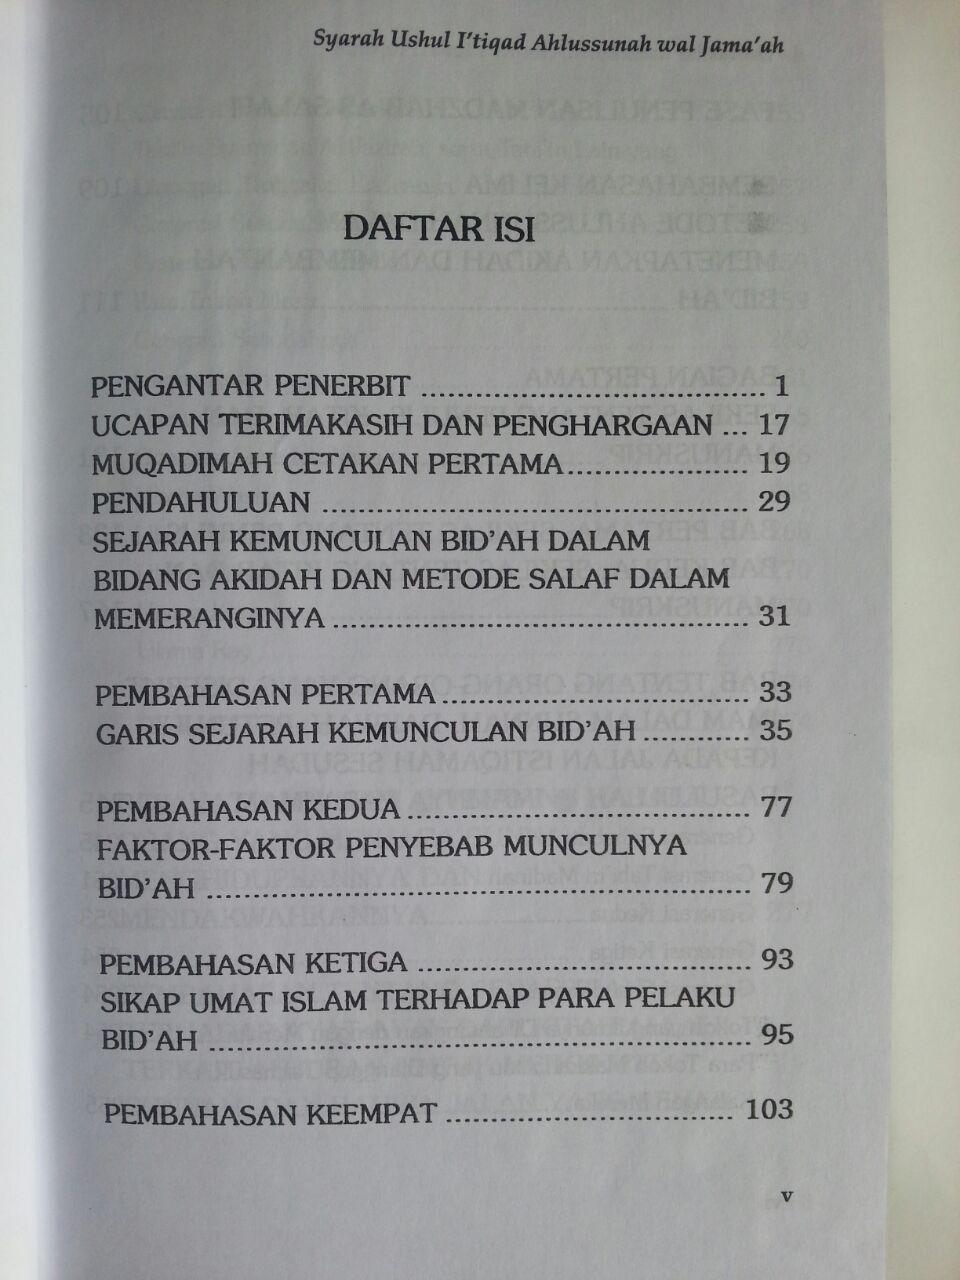 Buku Syarah Ushul I'tiqad Ahlussunnah Wal Jama'ah Set 8 Jilid 1 isi 2